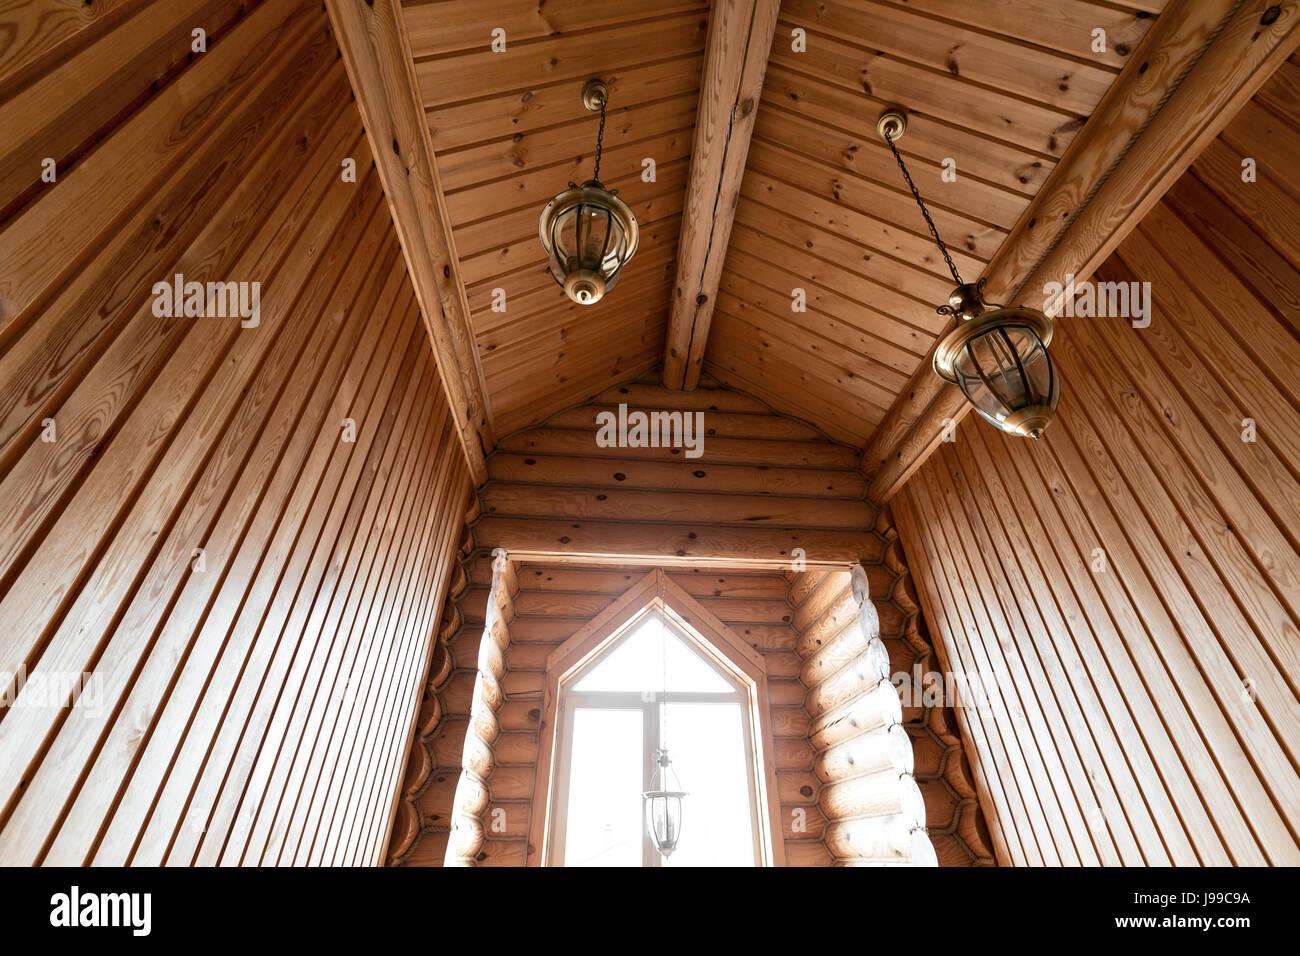 interieur in wei und marmor modernes blockhaus design interieur ...